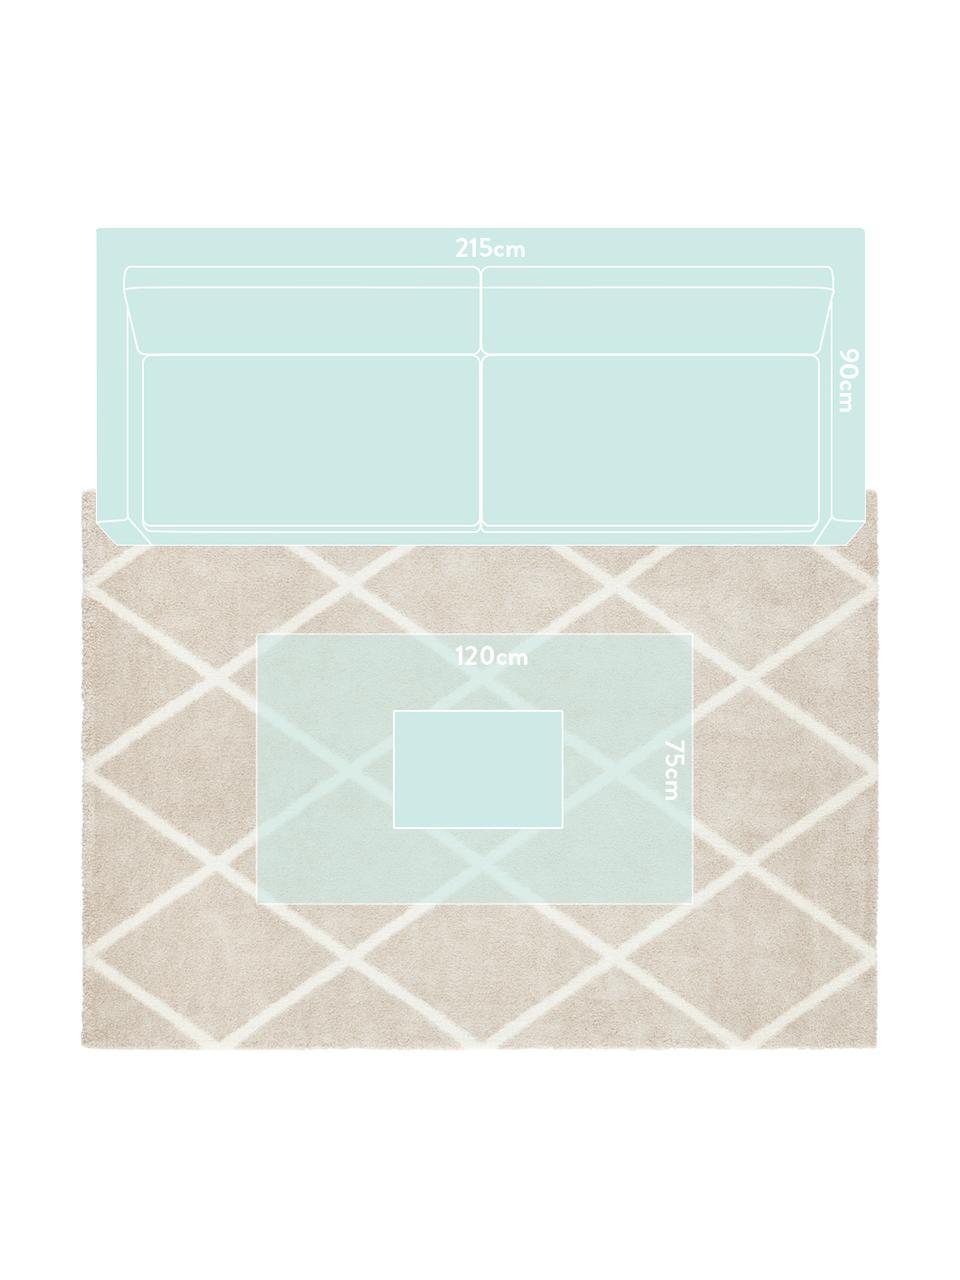 Koberec sdiamantovým vzorem Lunel, Béžová, krémová